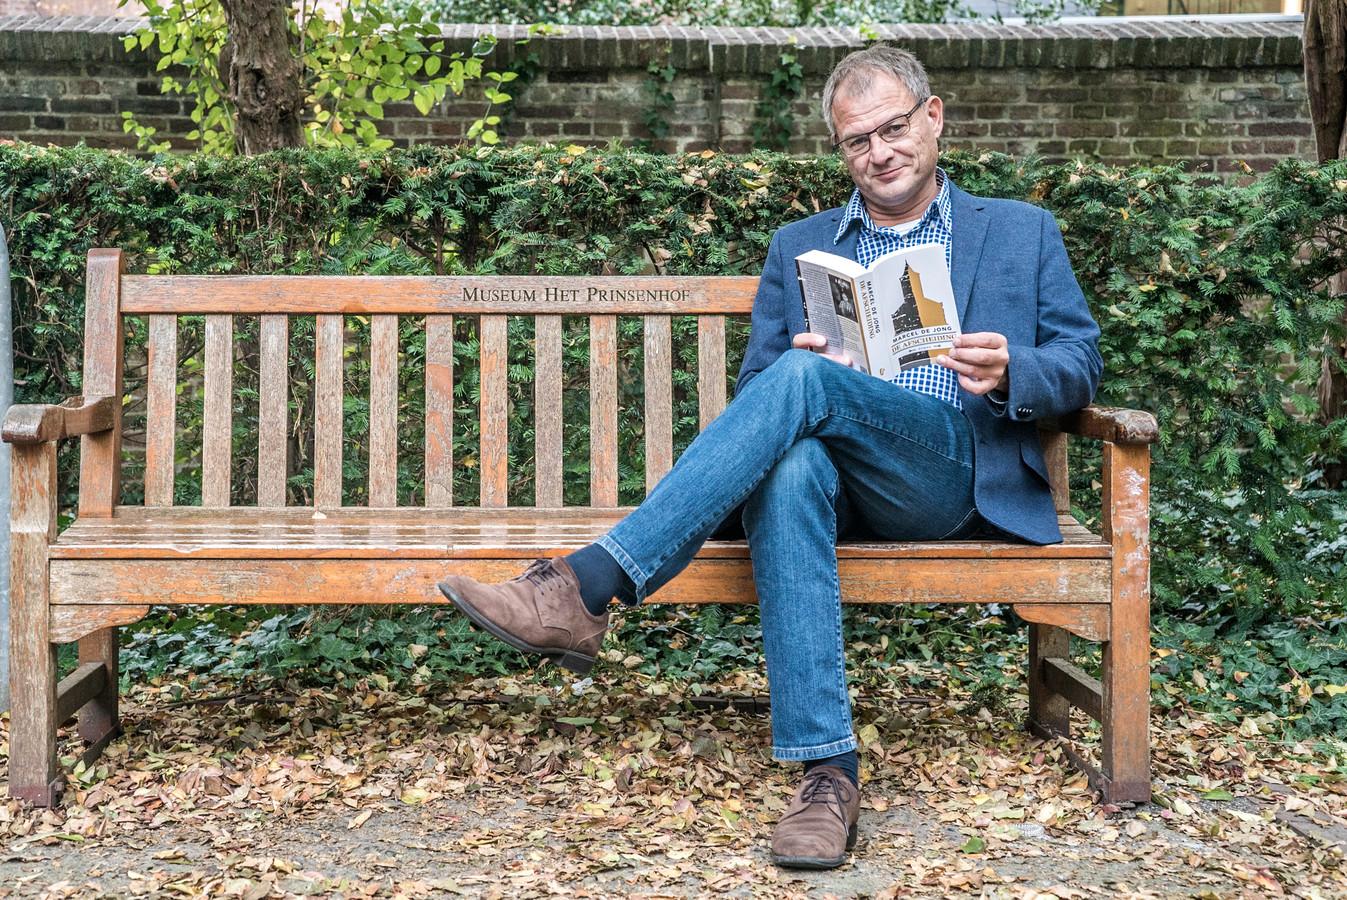 Schrijver Marcel de Jong in een Delfts park. ,,De stad blijft mij inspireren.''